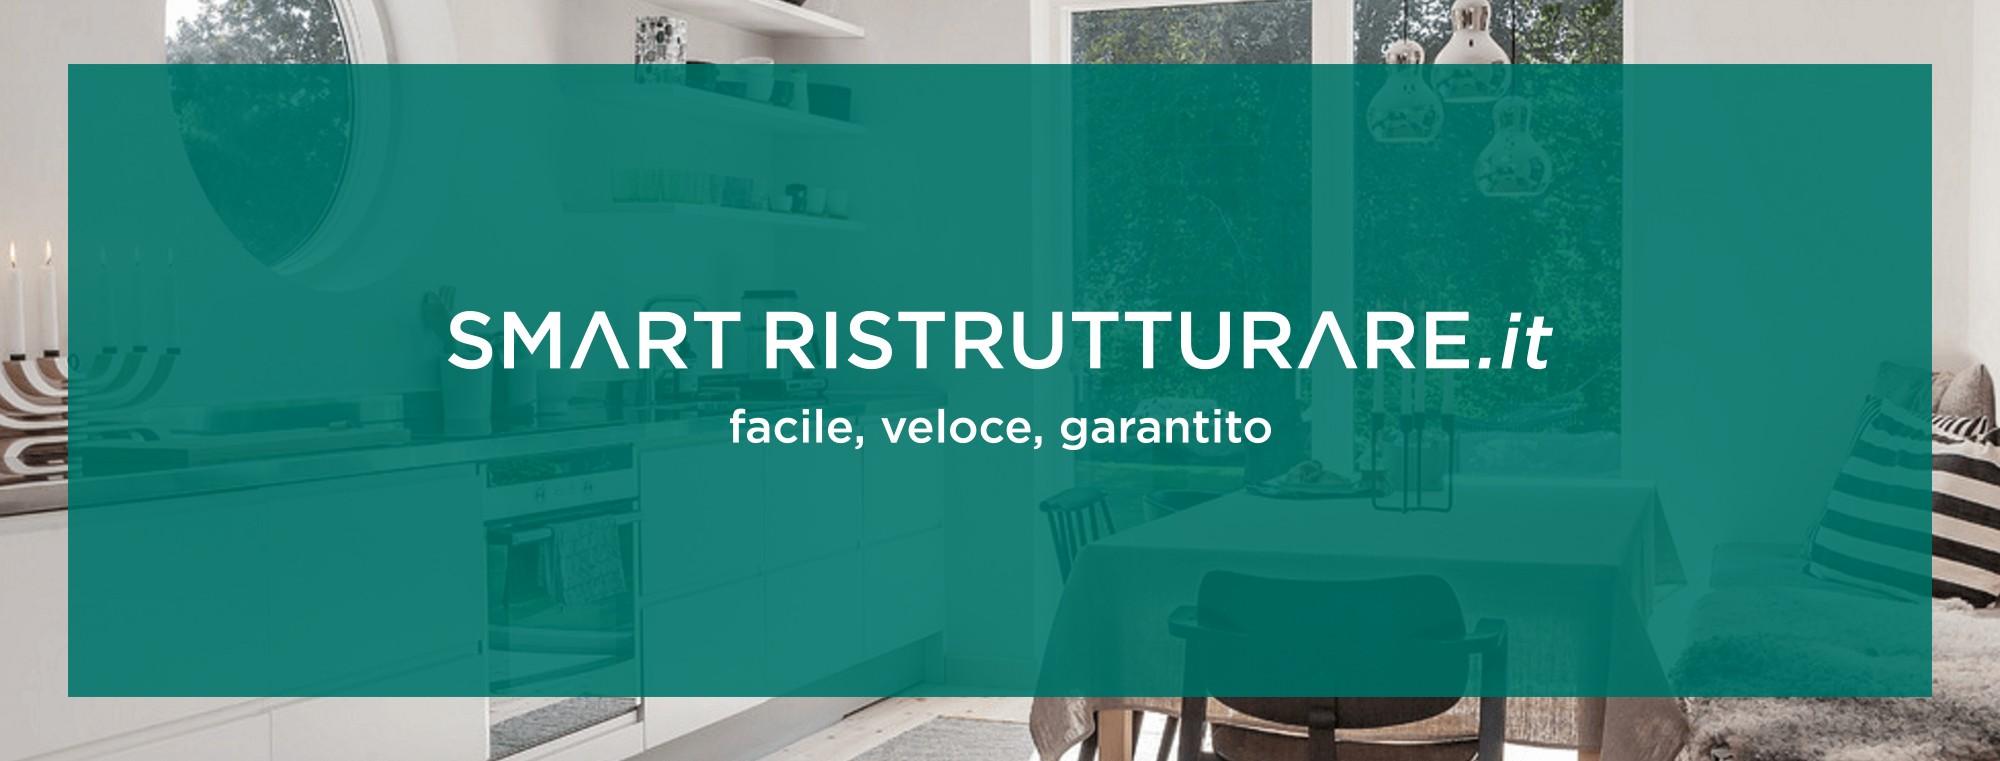 Ristrutturazione Casa Roma Prezzi start ristrutturare | linkedin